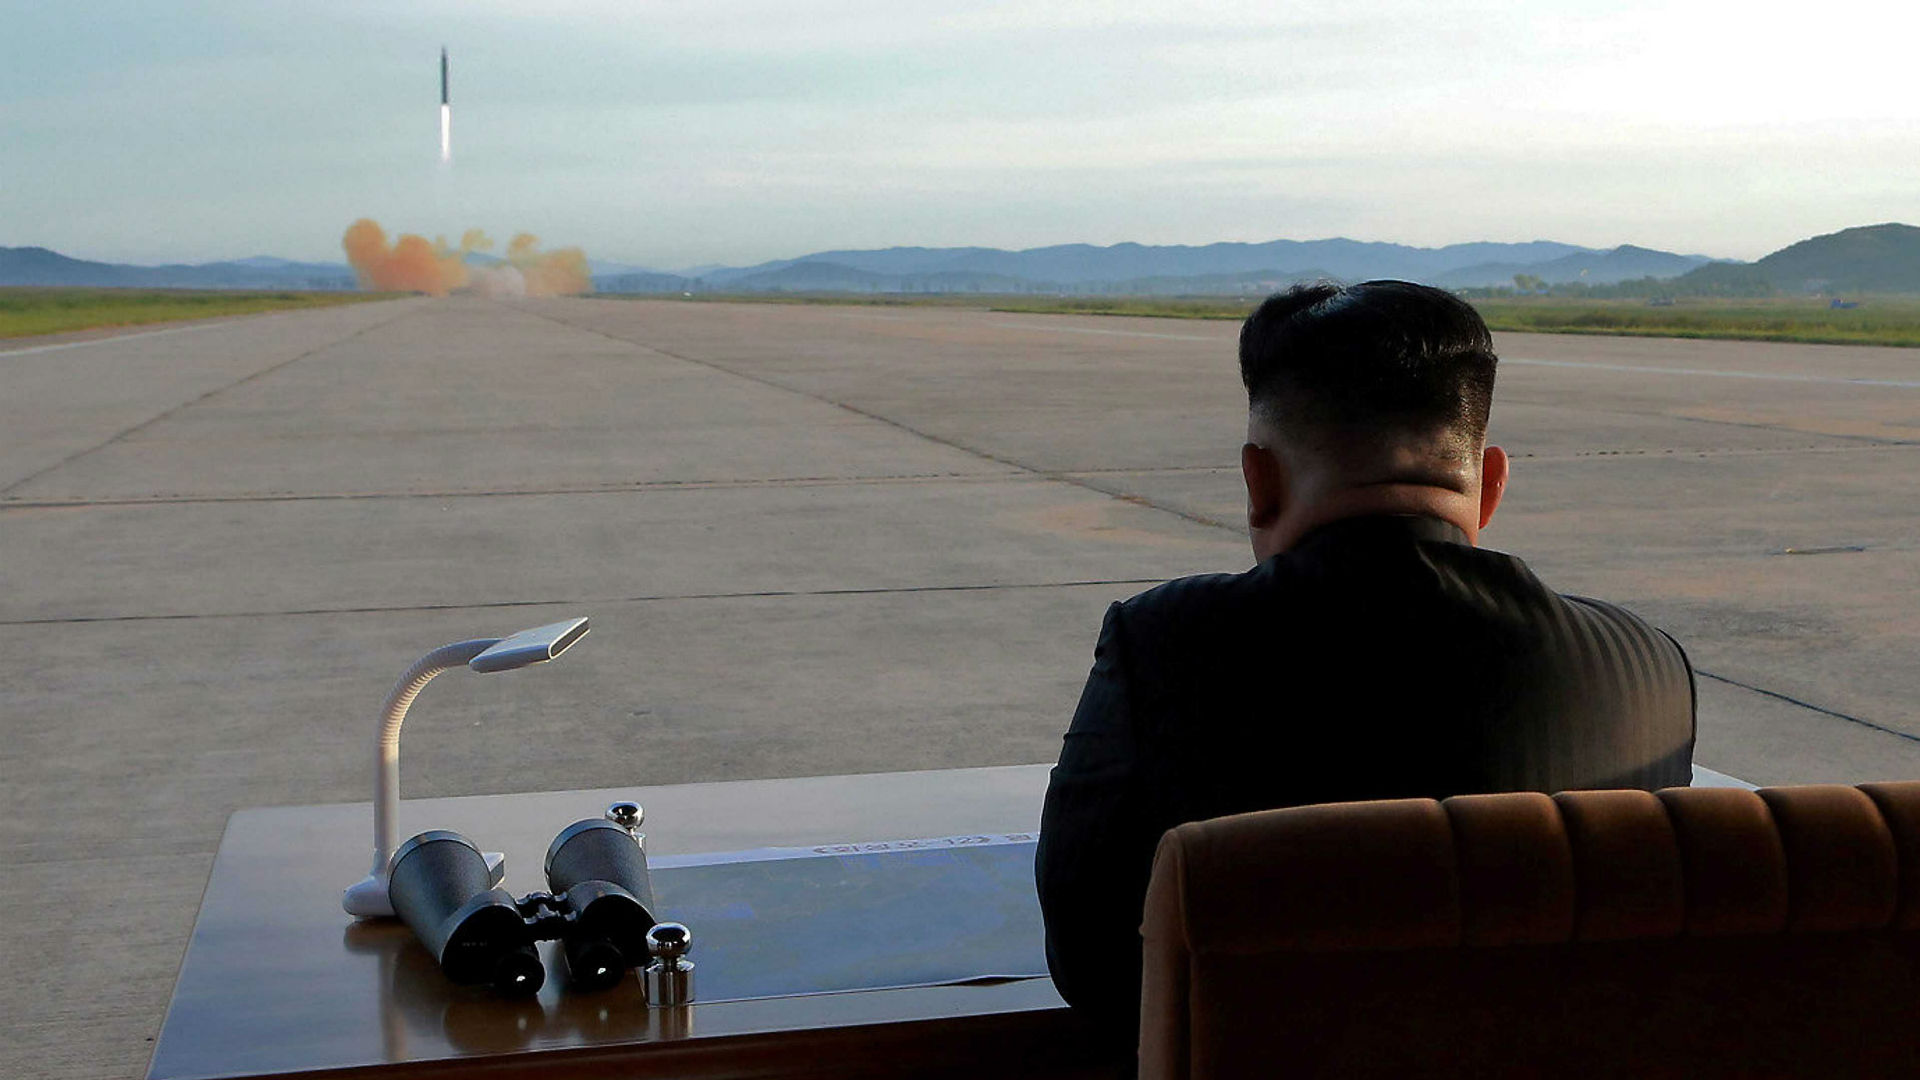 La comunidad internacional exige la desnuclearización de Corea del Norte